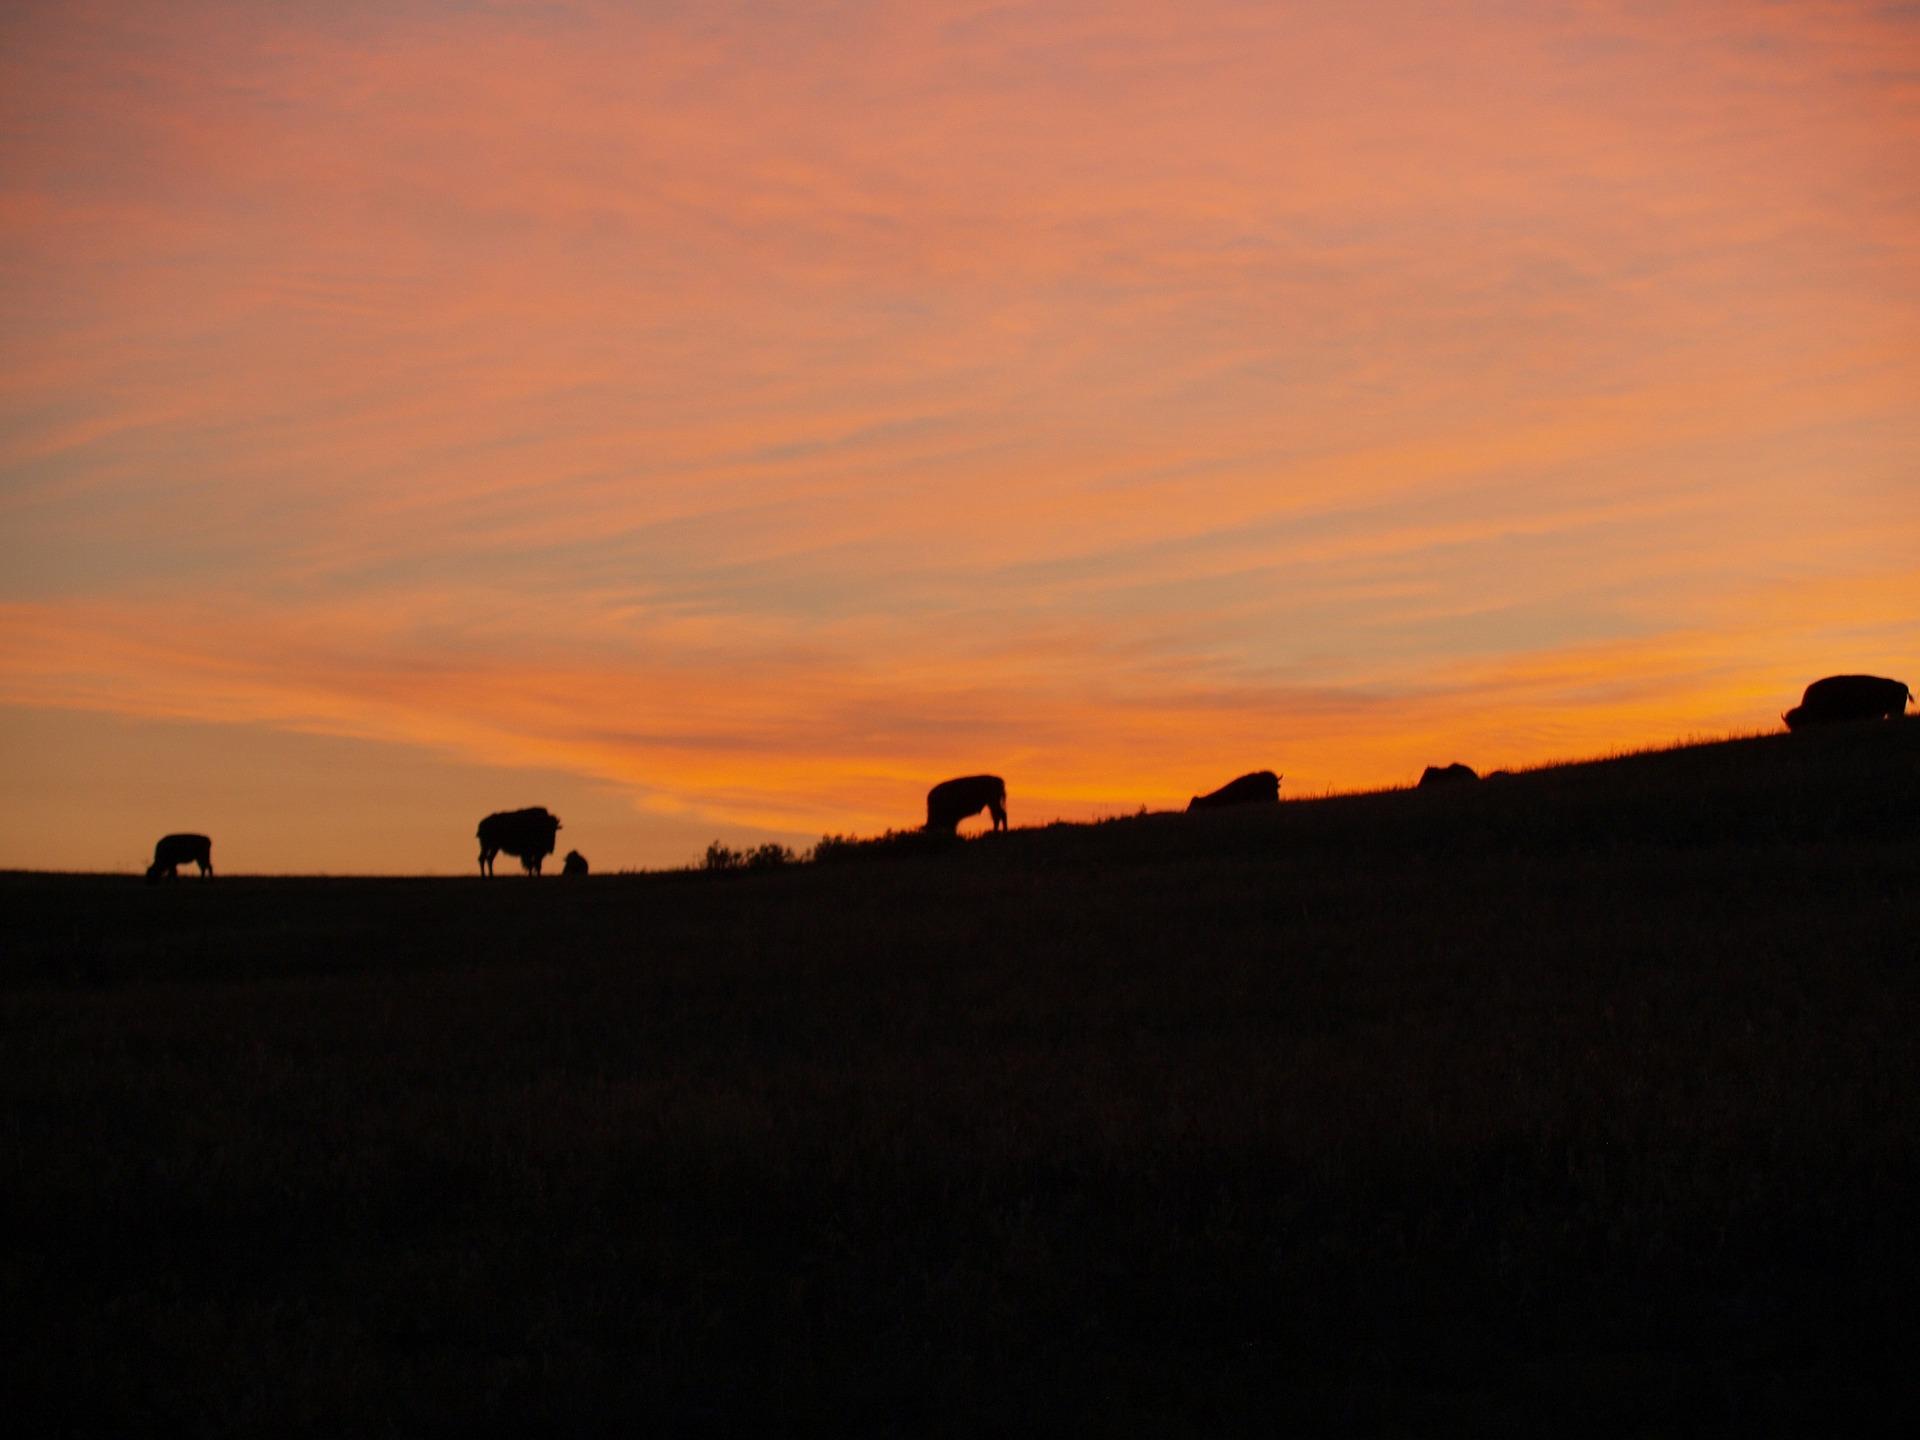 bison-2078174_1920